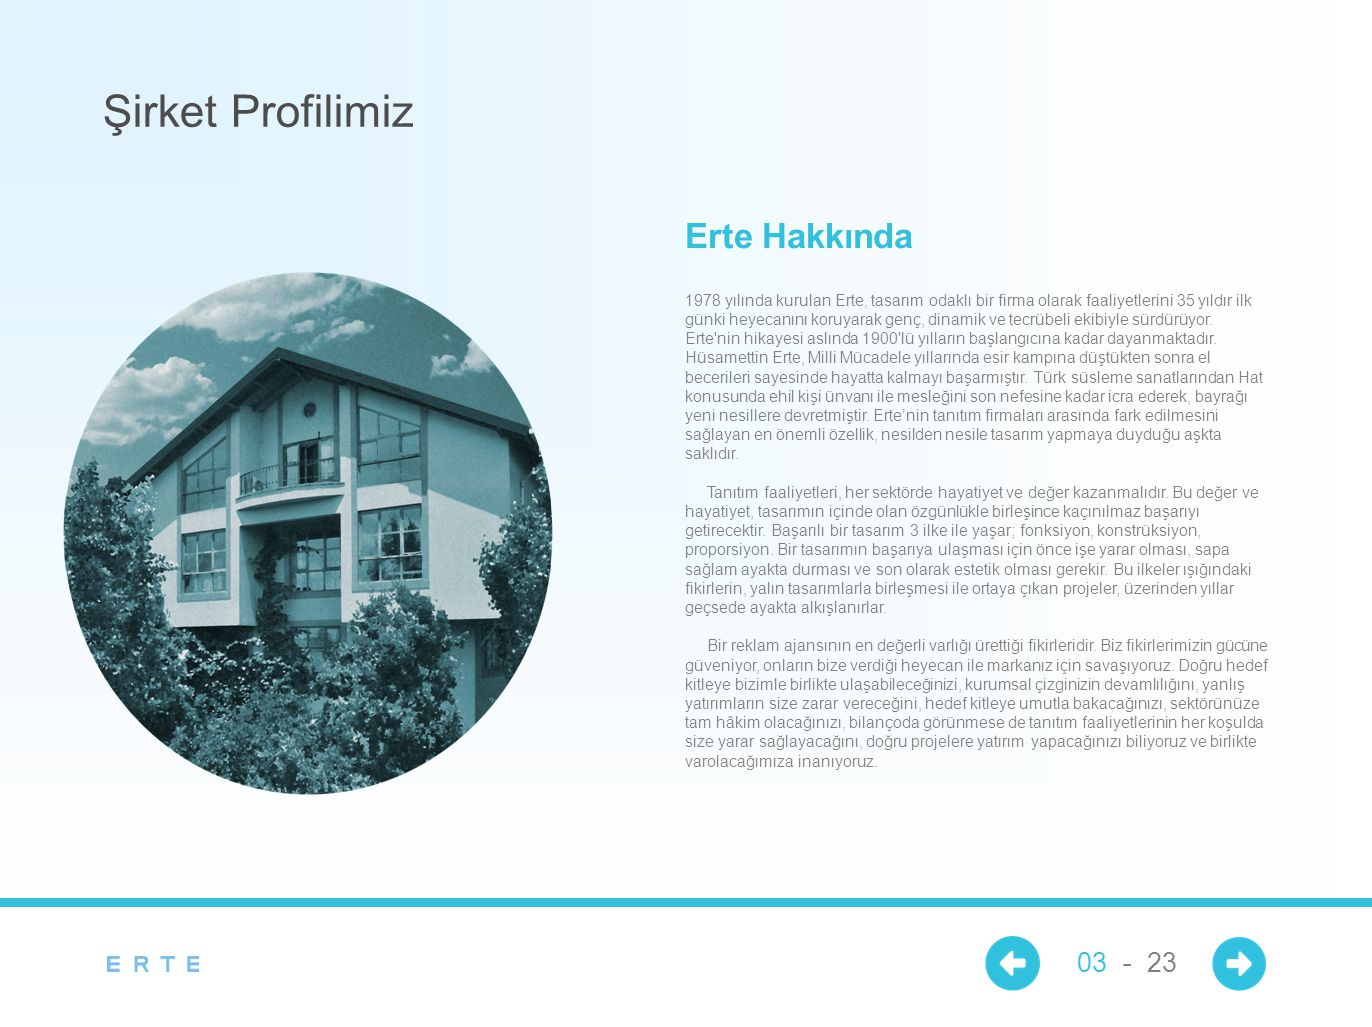 Şirket Profilimiz Erte Hakkında 03 - 23